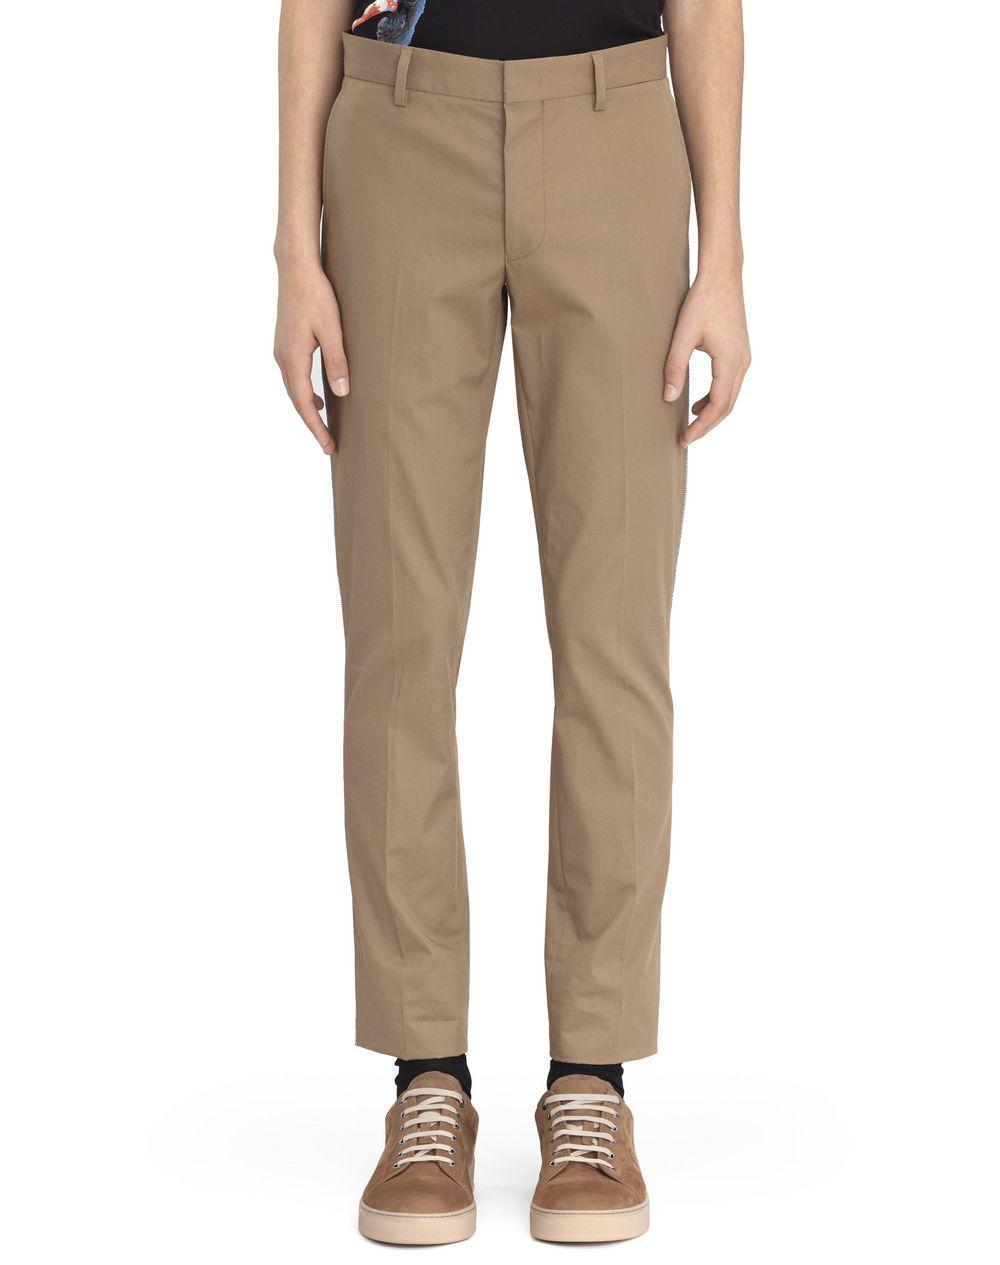 Pantalon chino slim Lanvin Prix €395